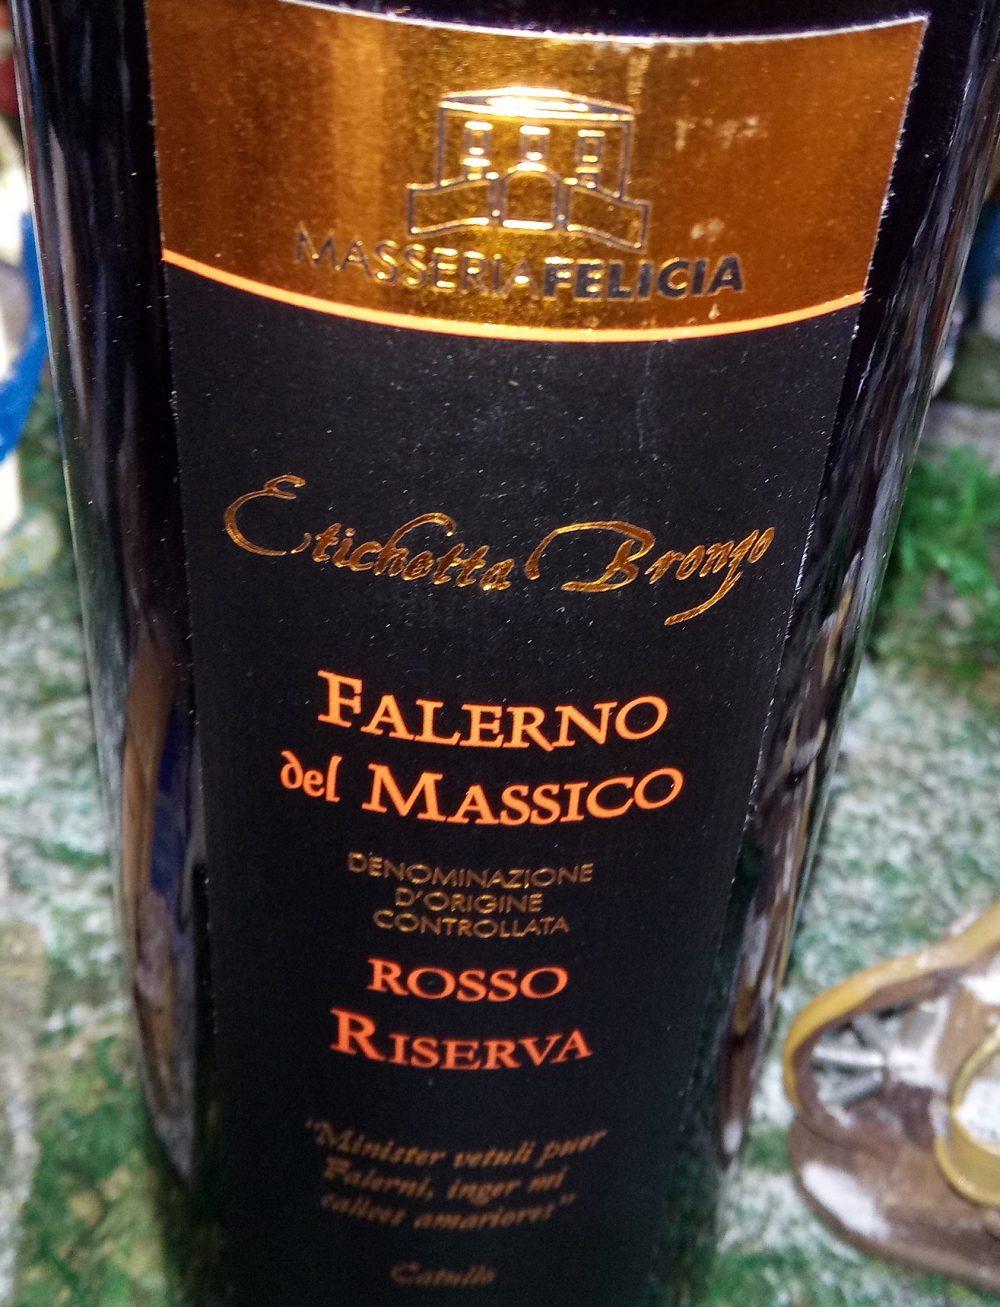 Falerno del Massico Rosso Riserva Etichetta di Bronzo Doc 2011 Masseria Felicia